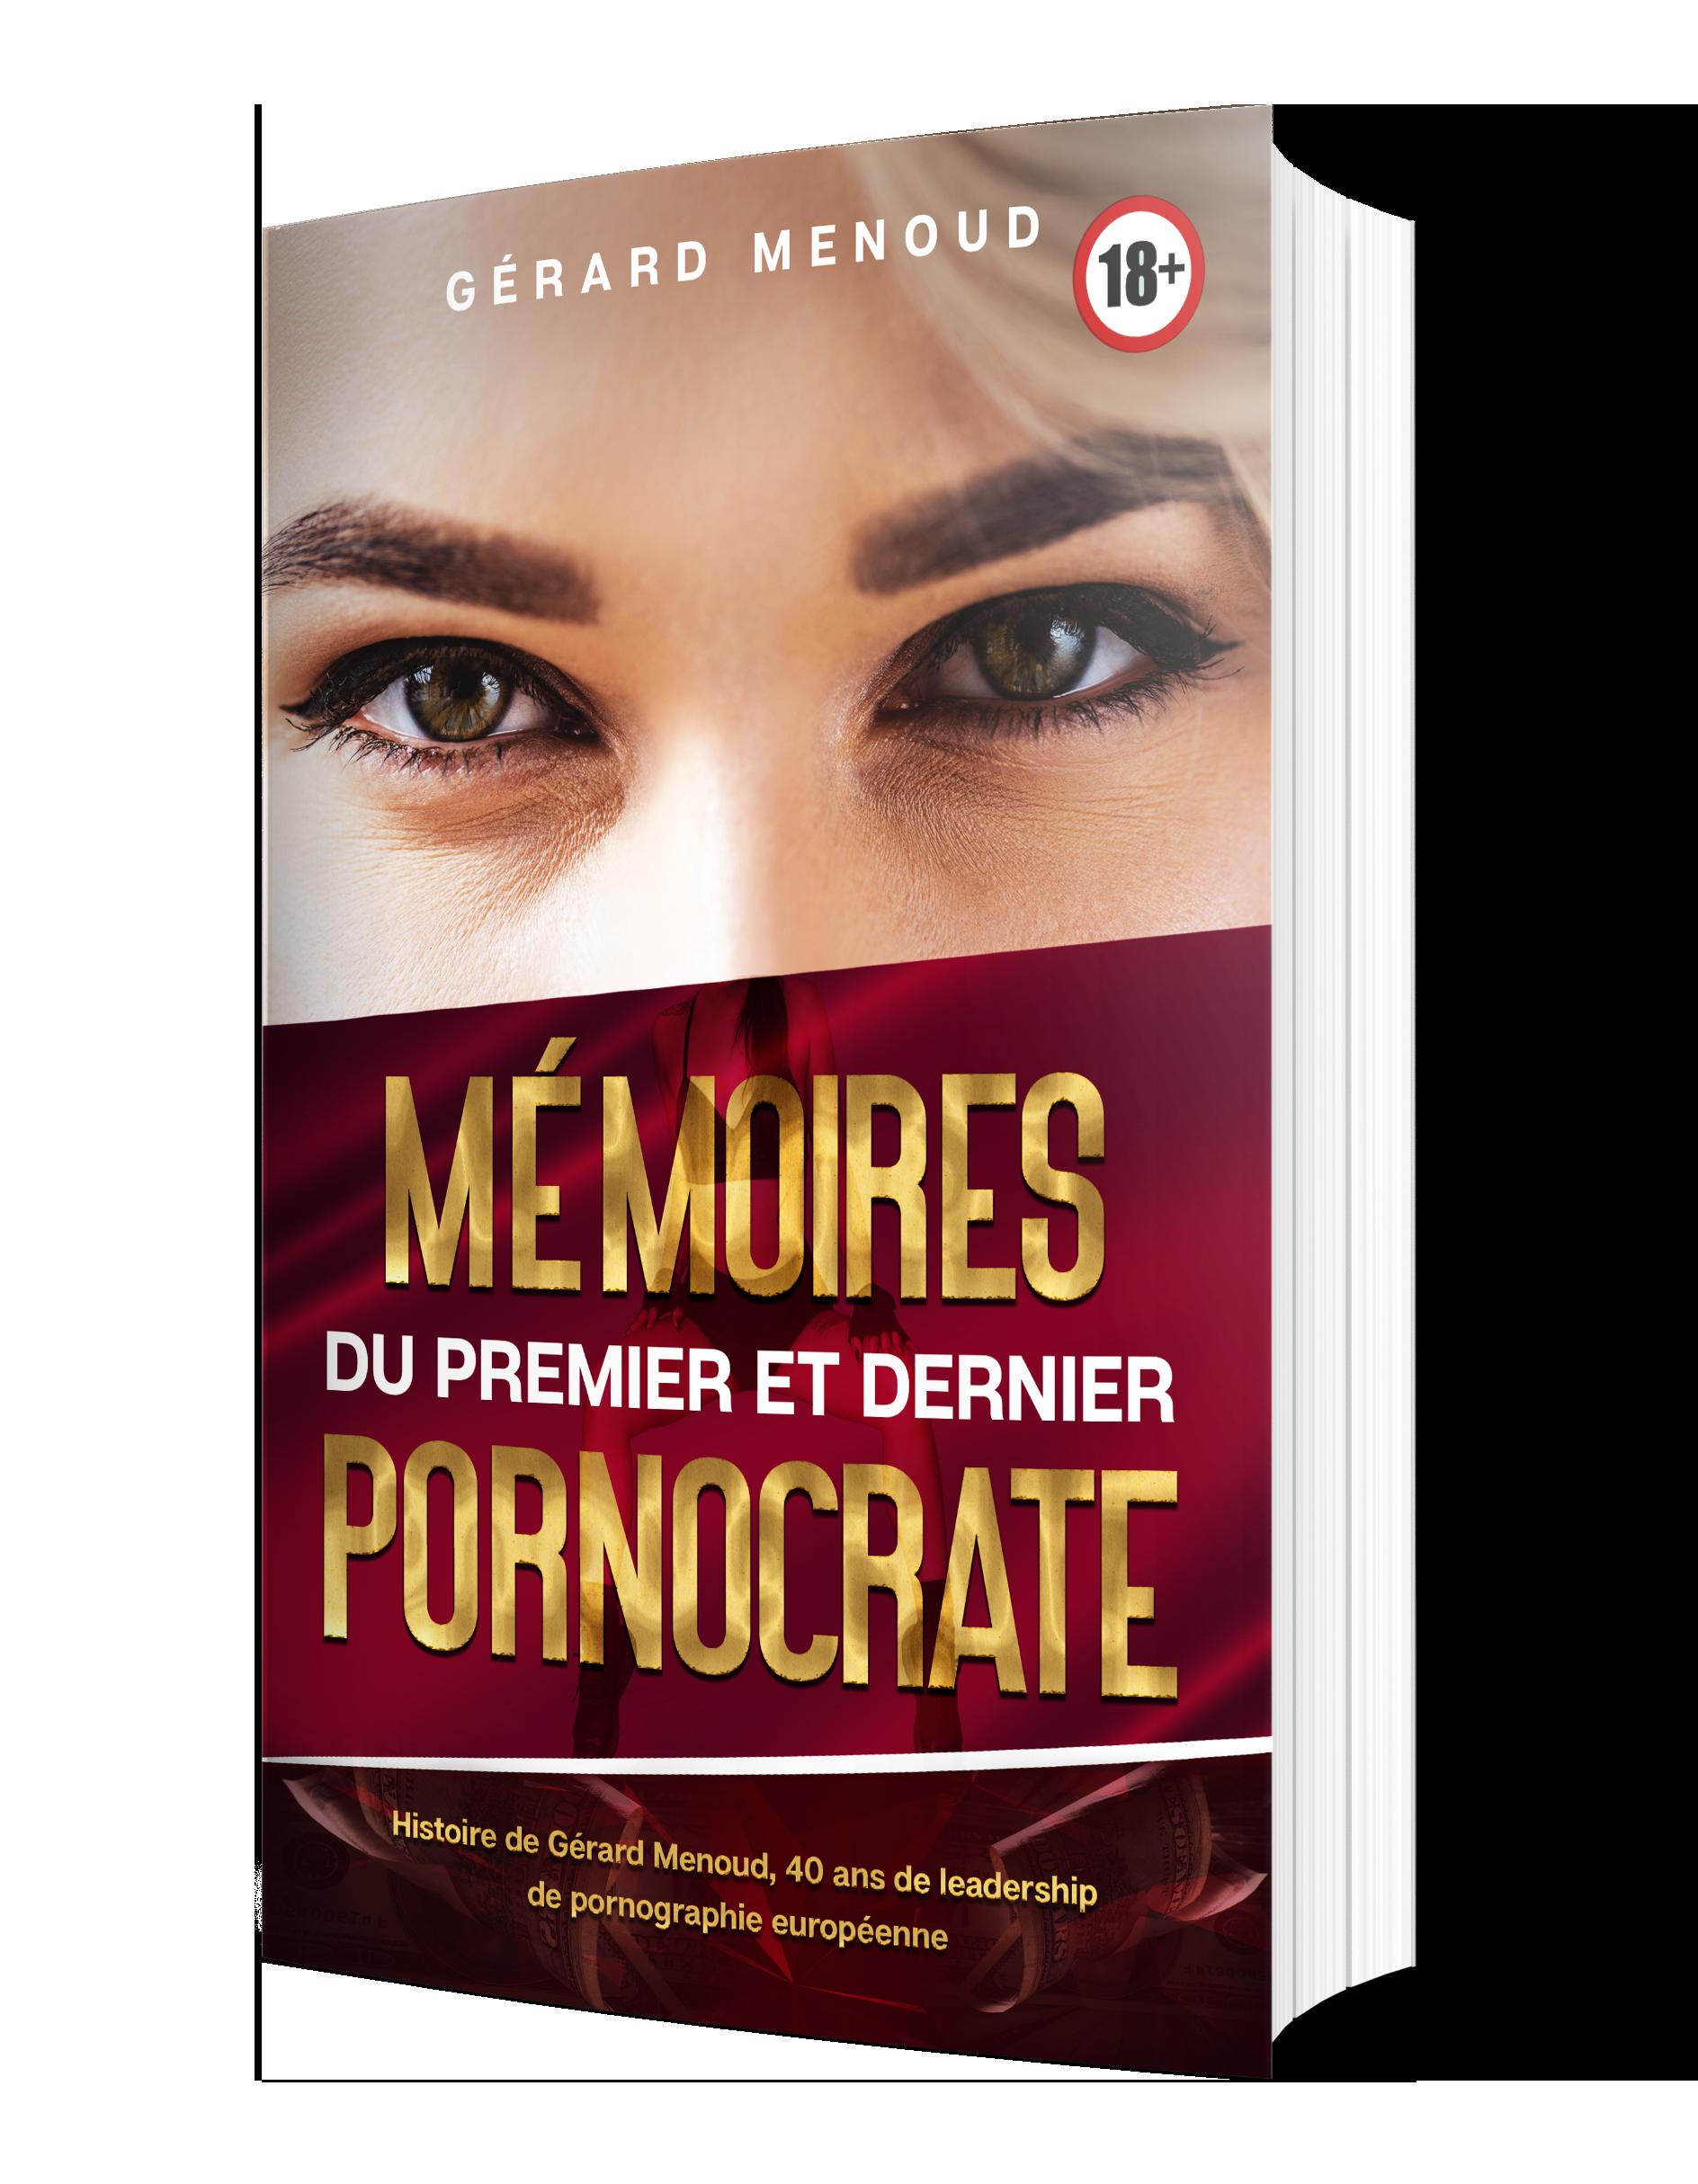 Histoire pornocrate pornocratie europe gerard menoud